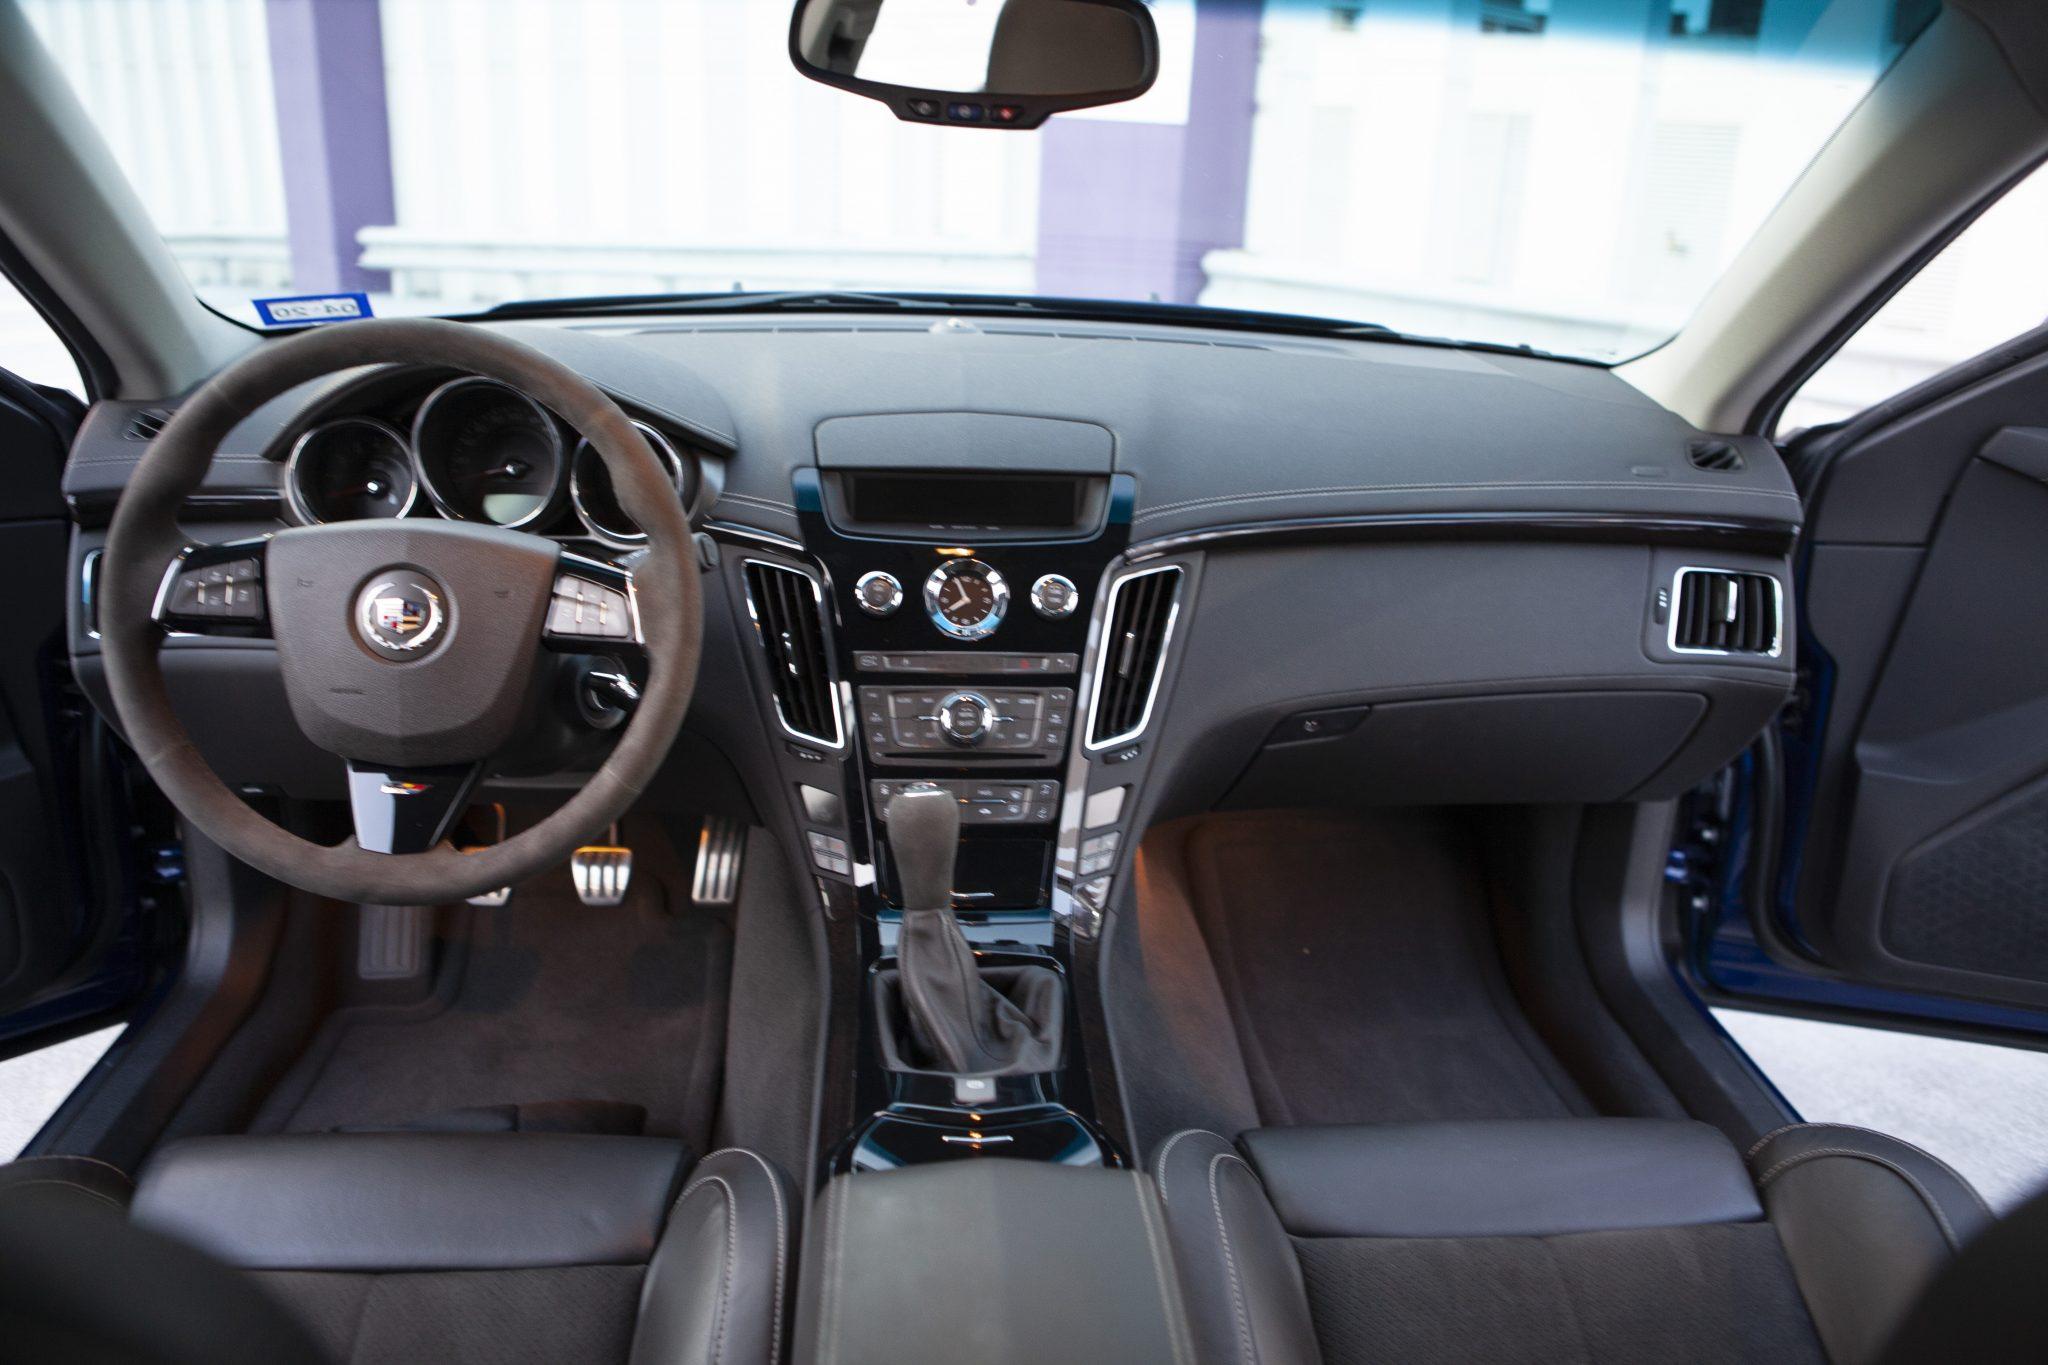 2012 Cadillac CTS-V Wagon interior front